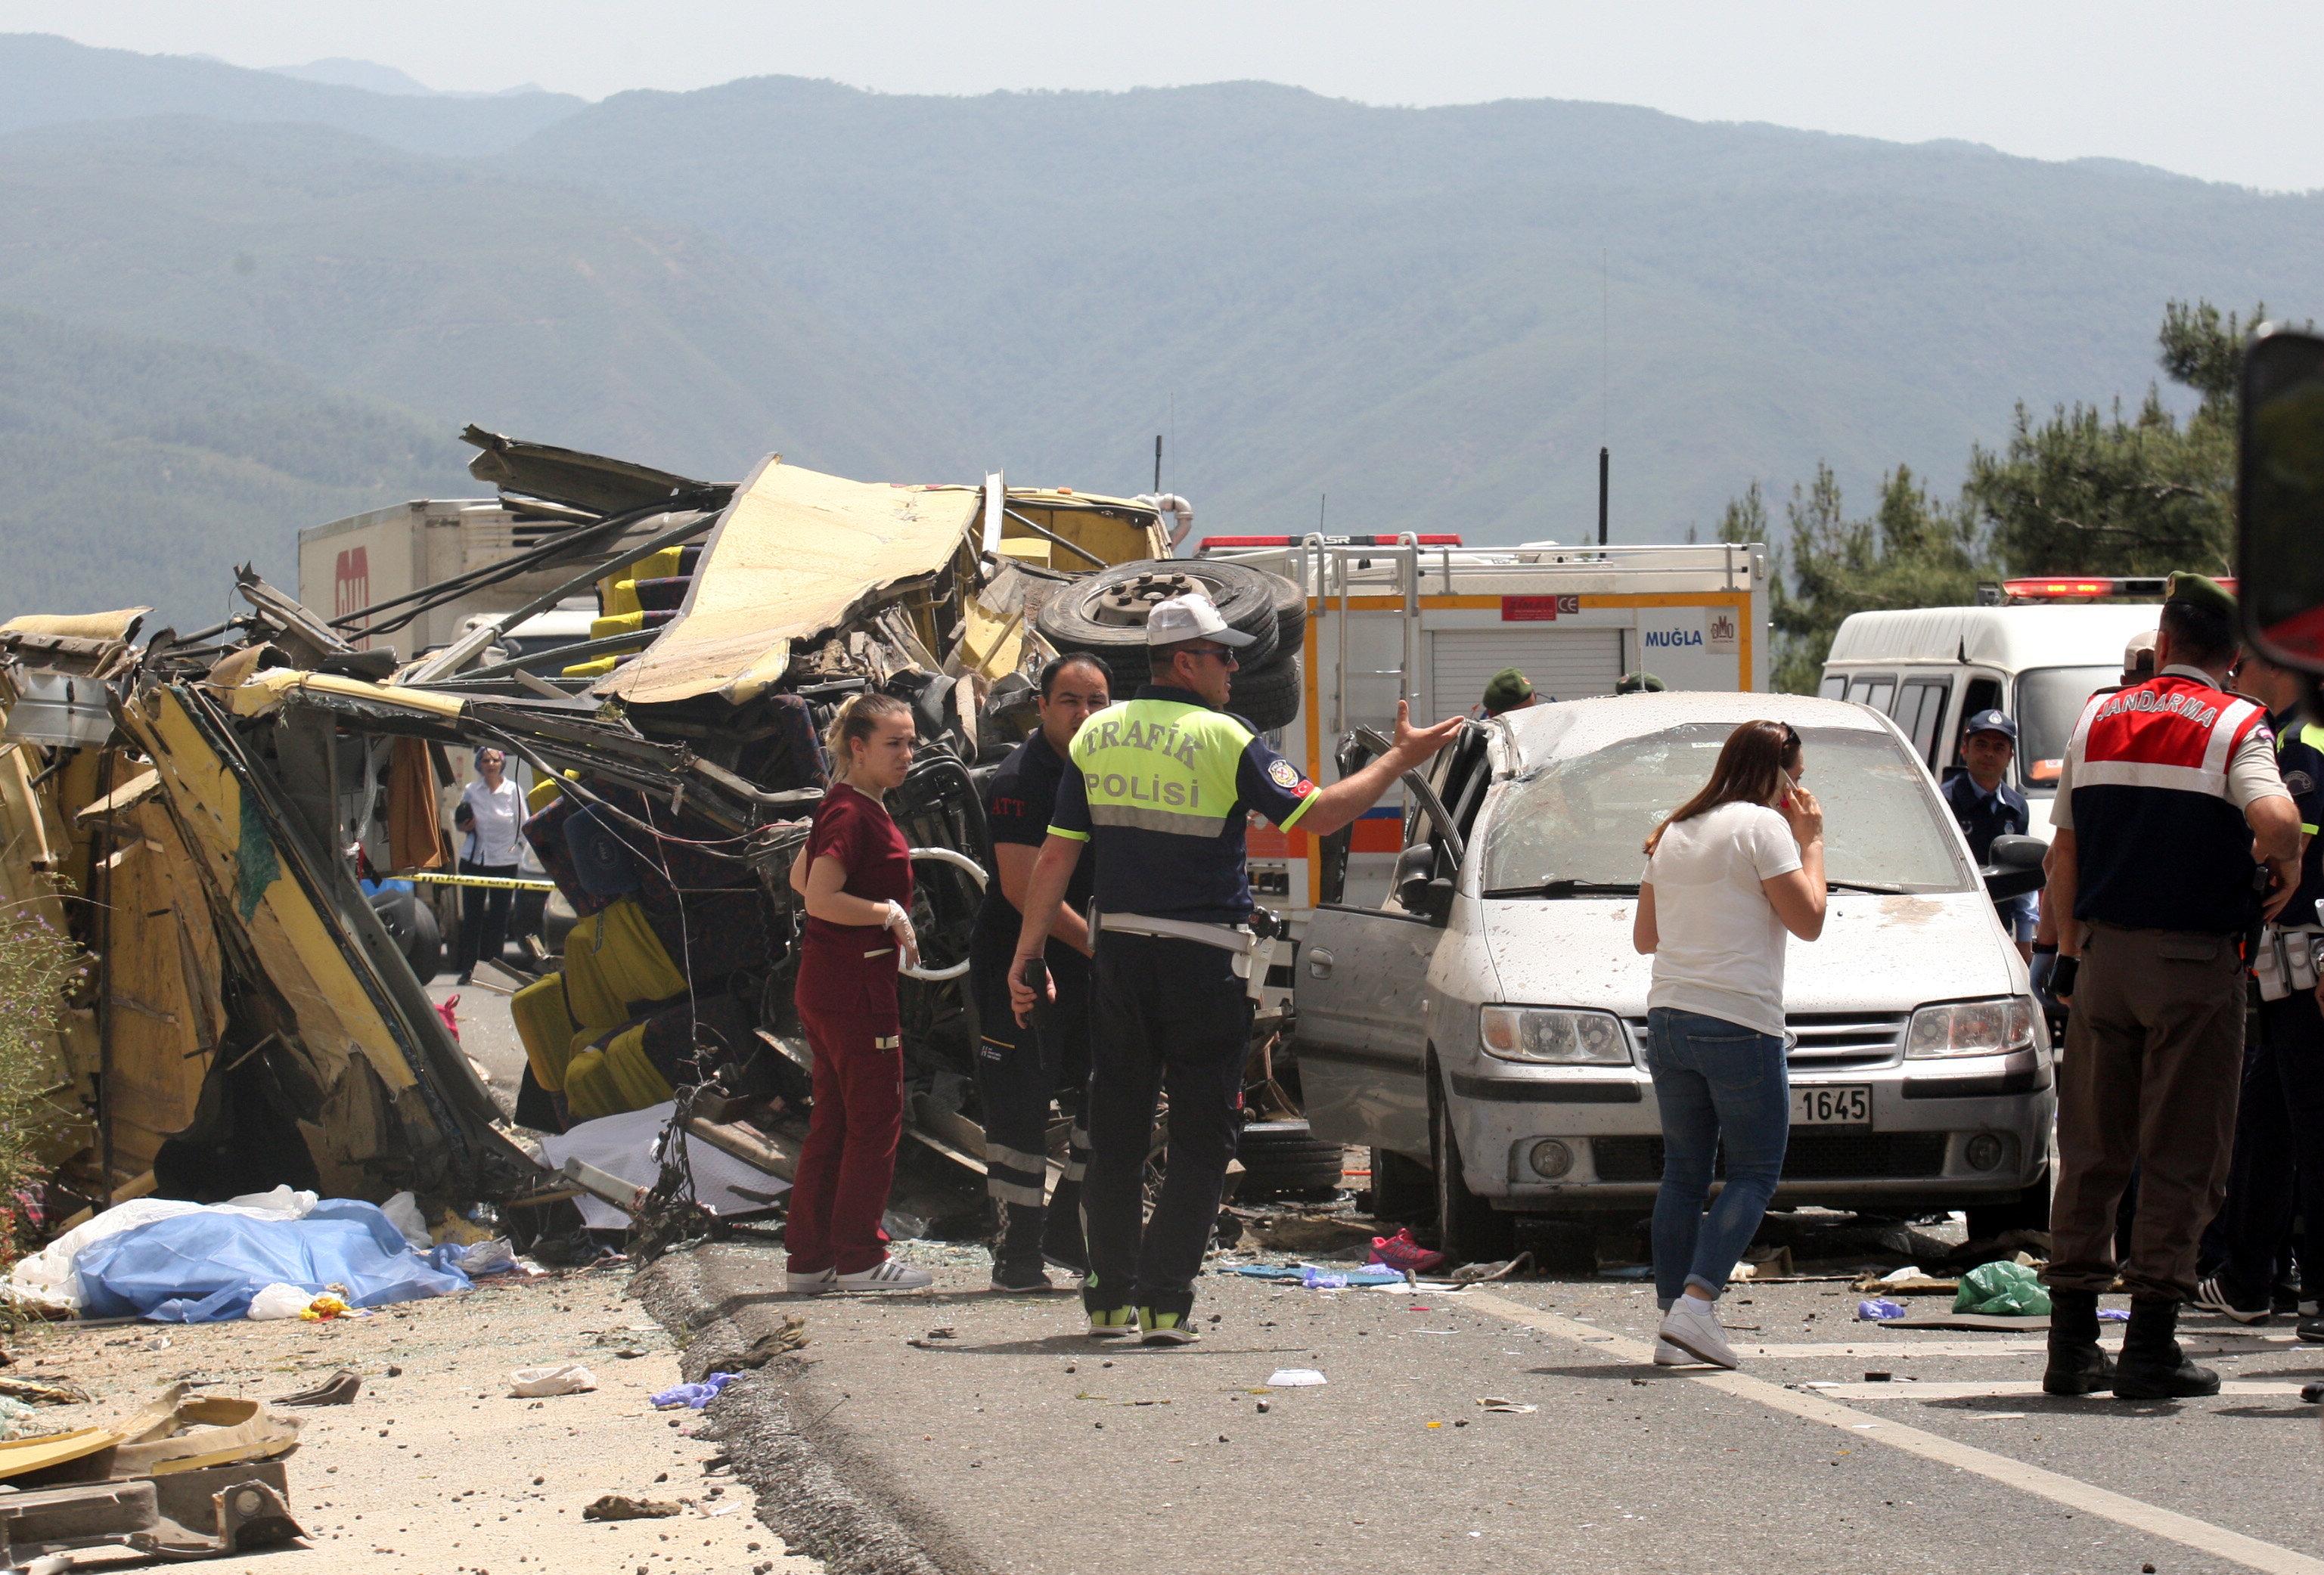 ارتفاع عدد ضحايا انقلاب حافلة سياحية بتركيا لـ 23 قتيلا و13 مصابا